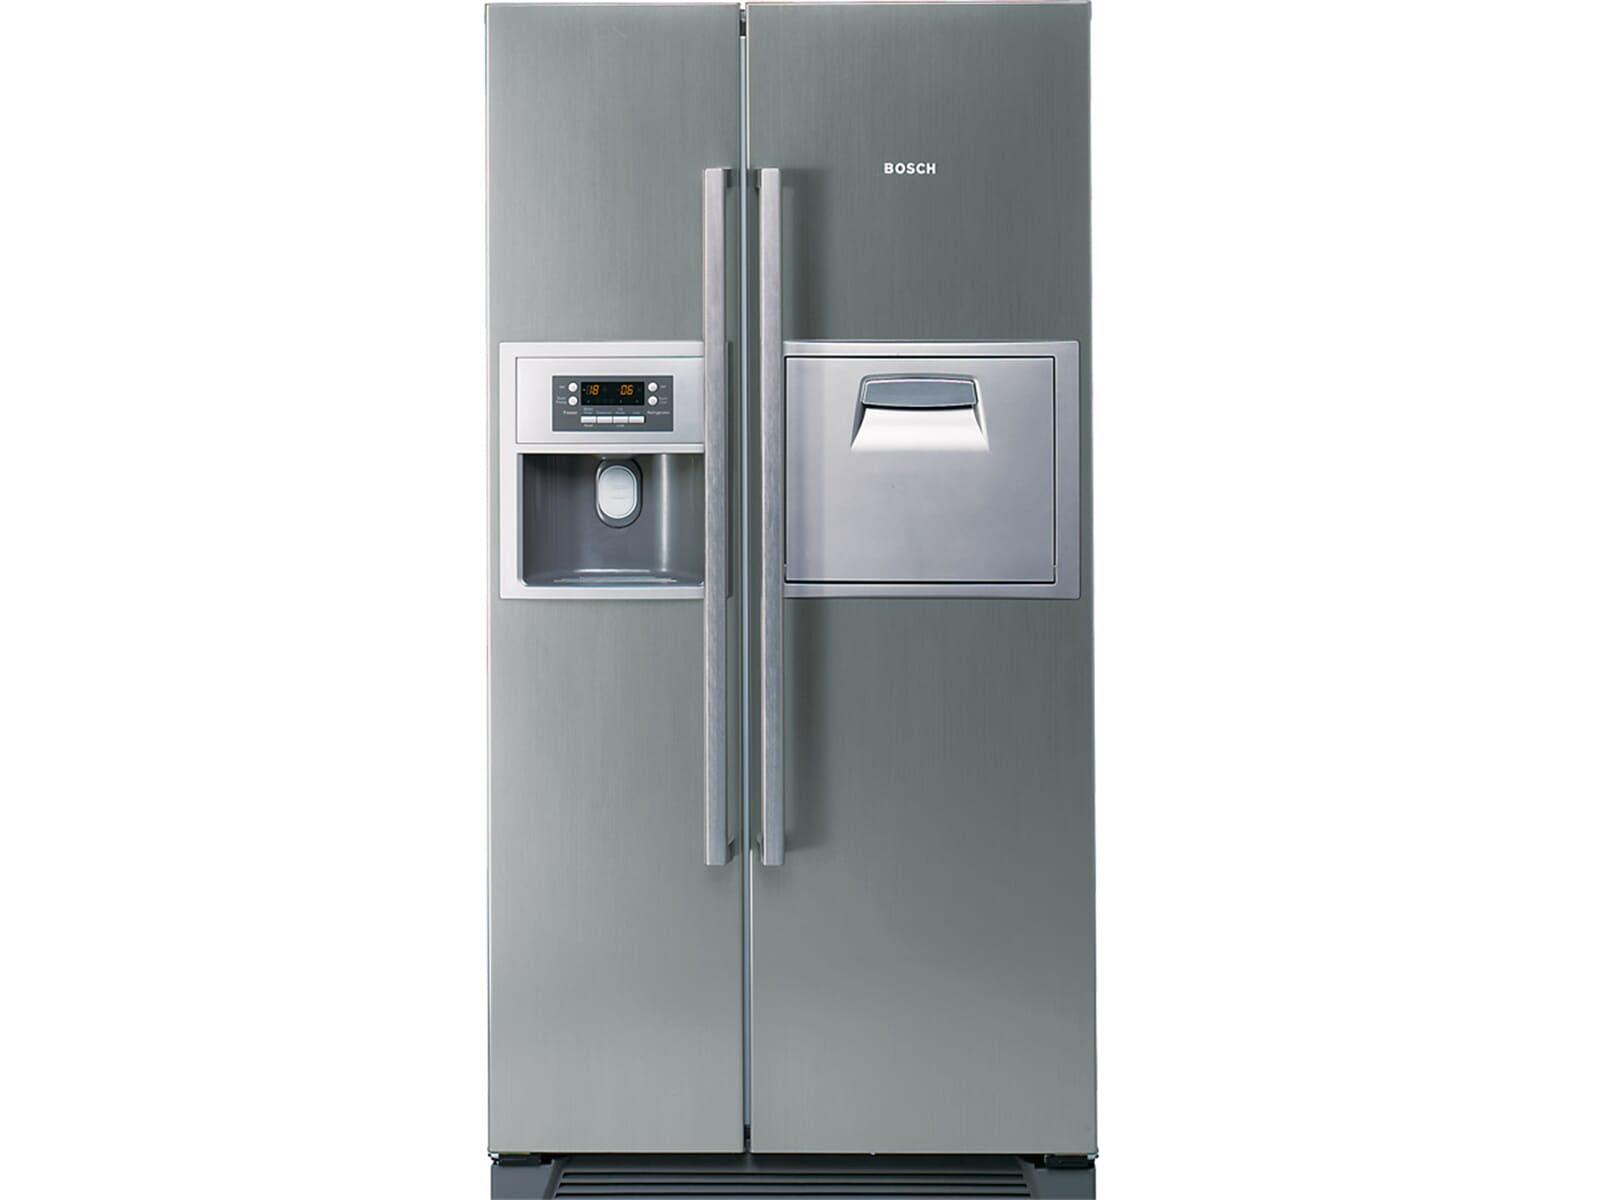 Smeg Kühlschrank Abtauen : Bosch side by side kühlschrank bedienungsanleitung marty